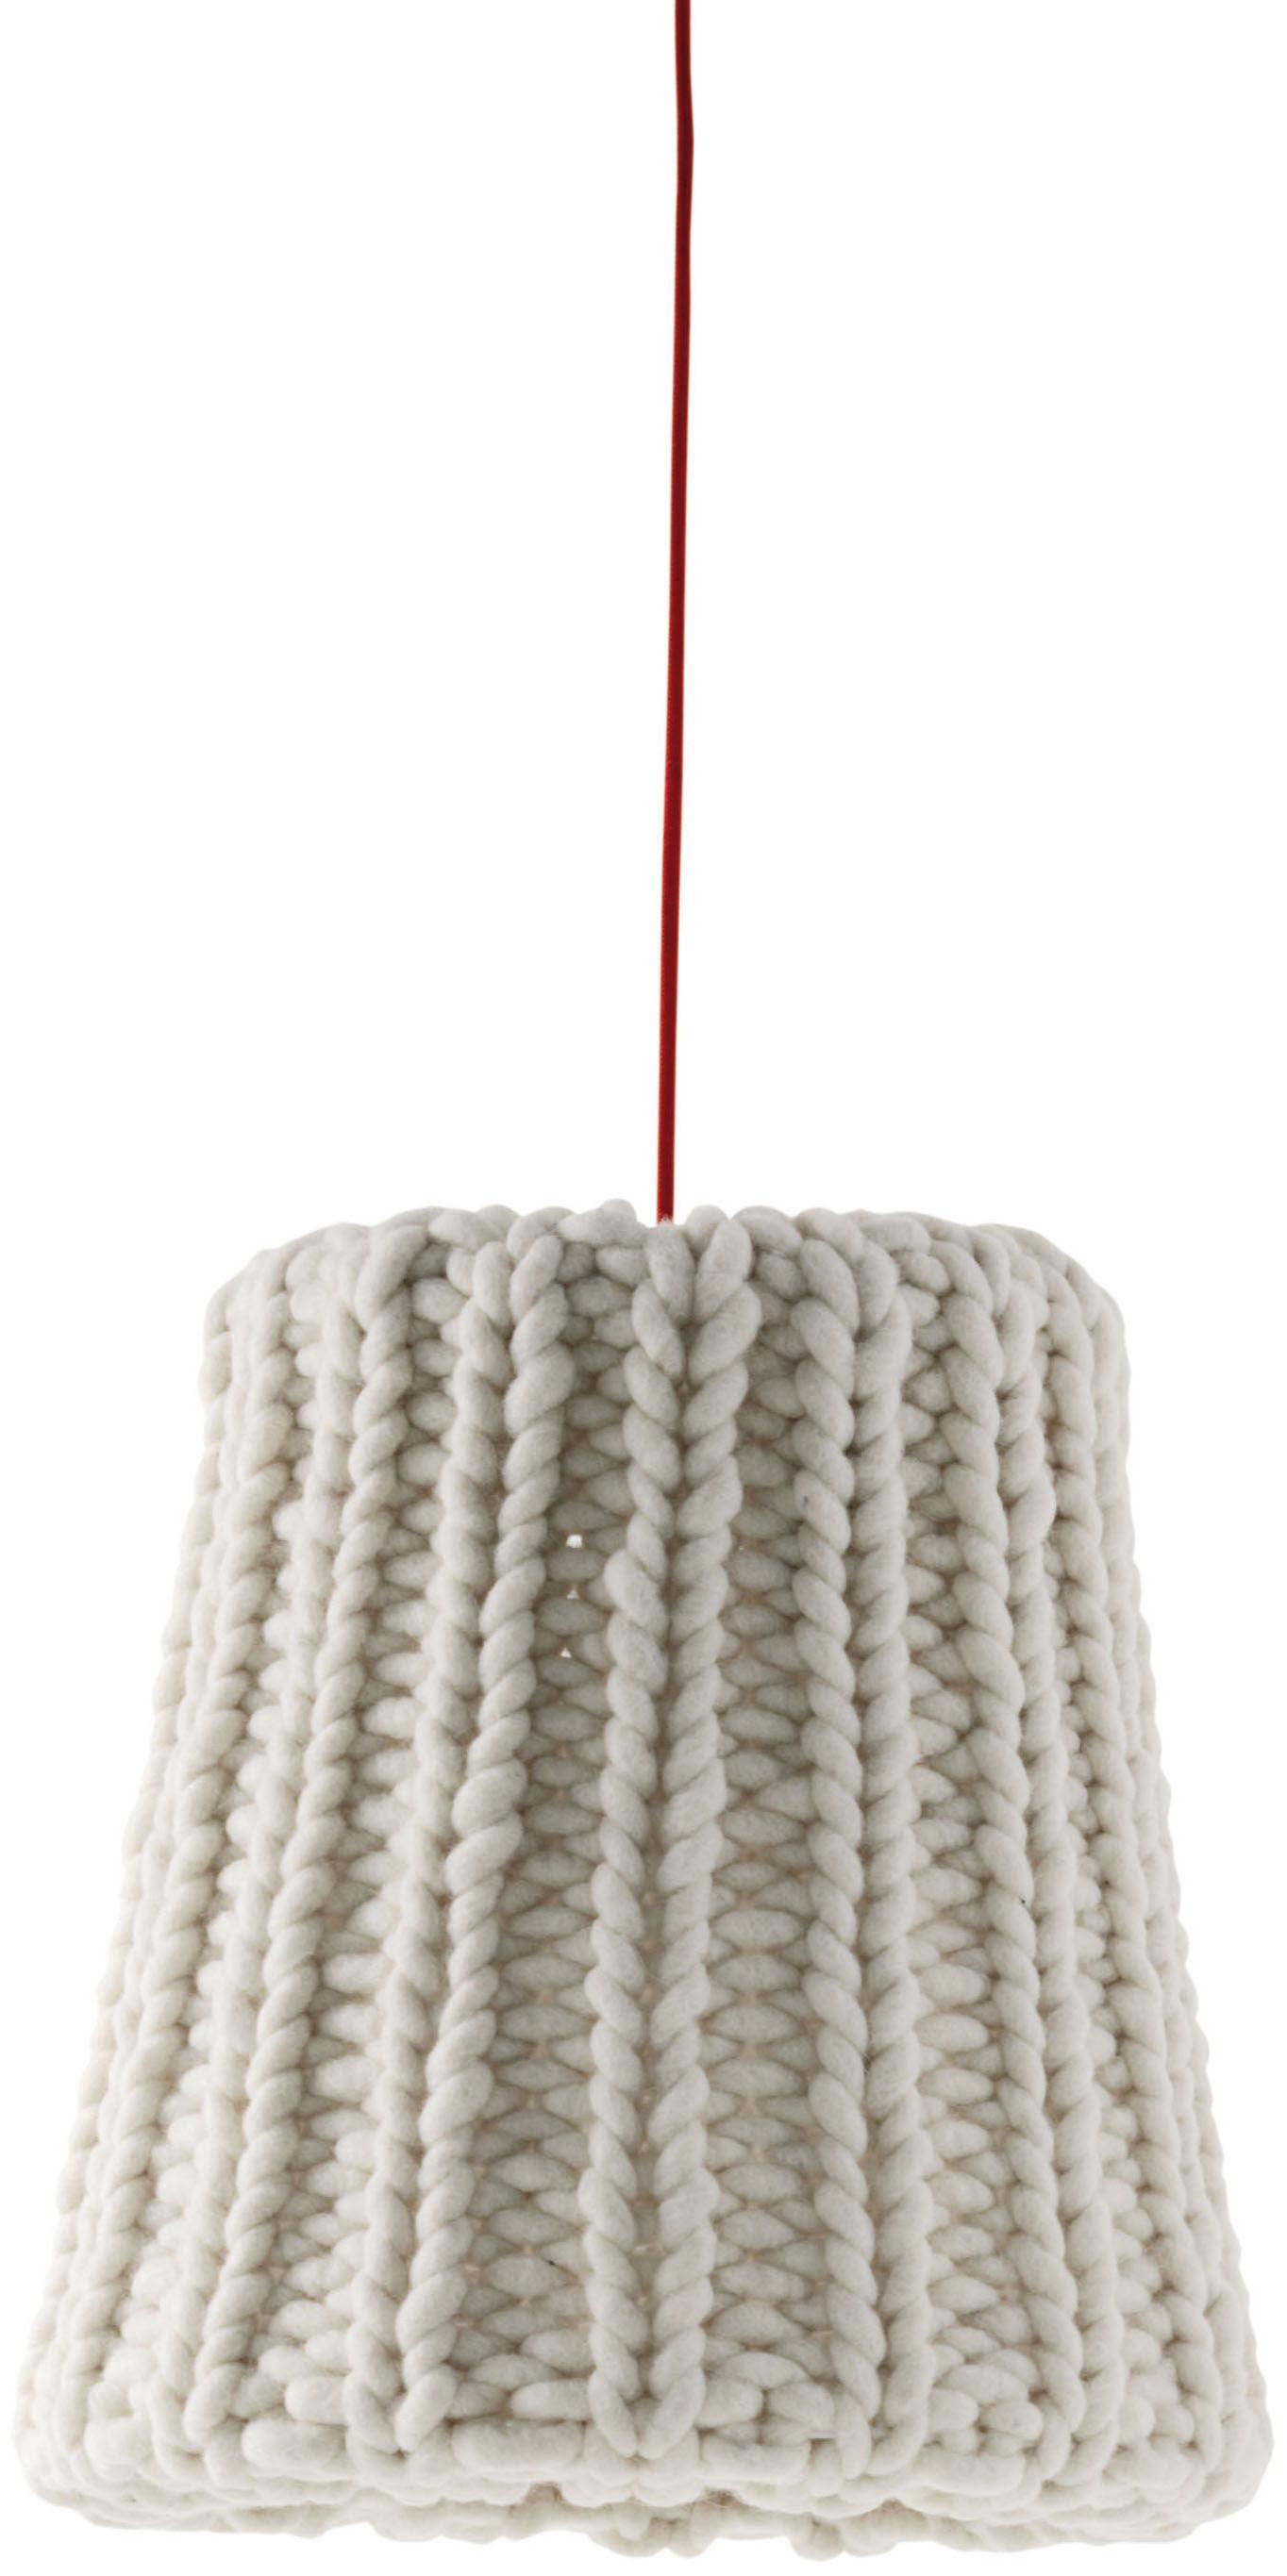 Leuchten - Pendelleuchten - Granny Large Pendelleuchte / Ø 37,5 cm - Casamania - Altweiß / Stromkabel rot - Wolle